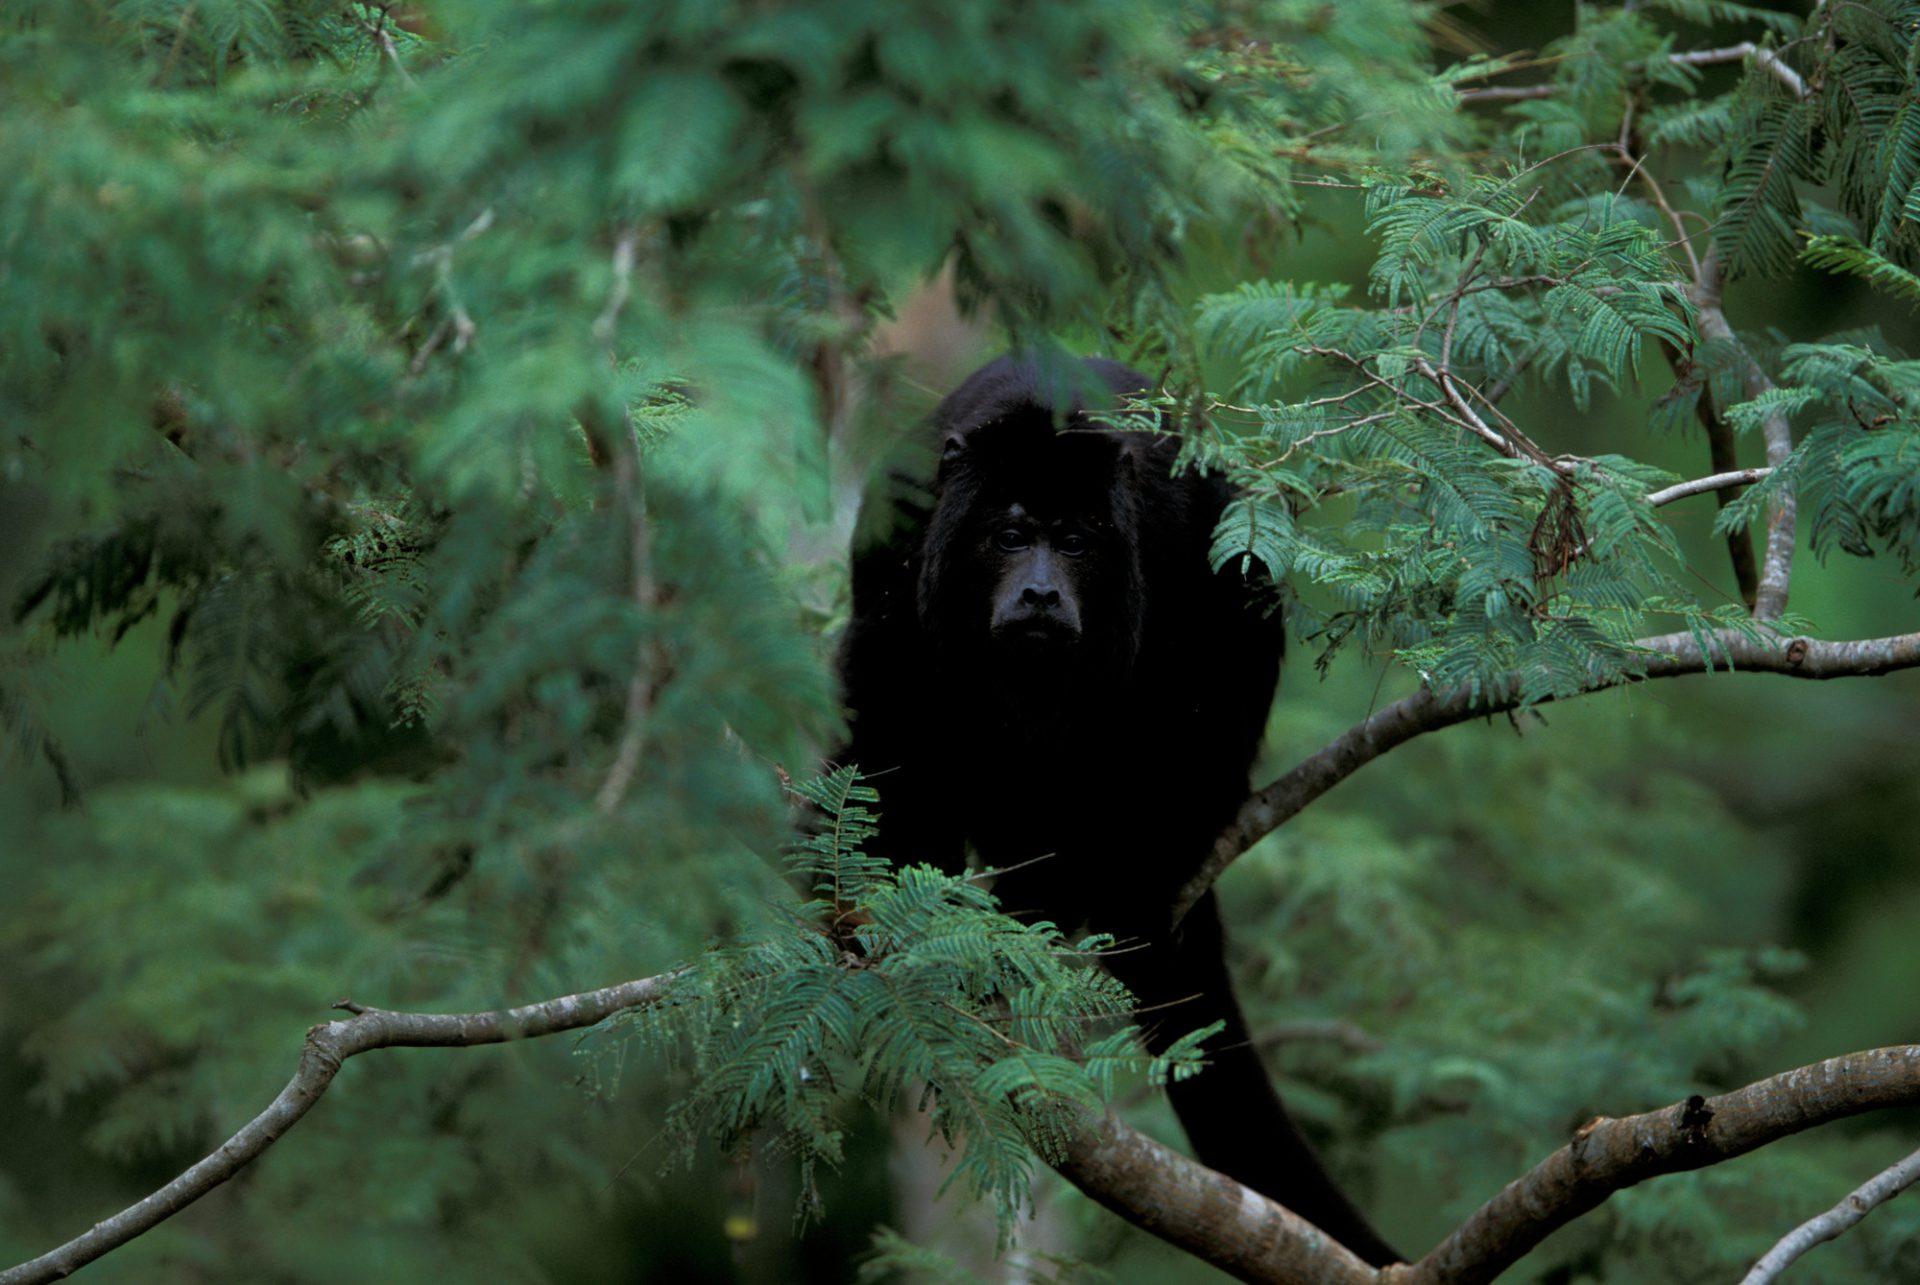 A male black howler monkey (Alouatta caraya) in the Pantanal, Brazil.